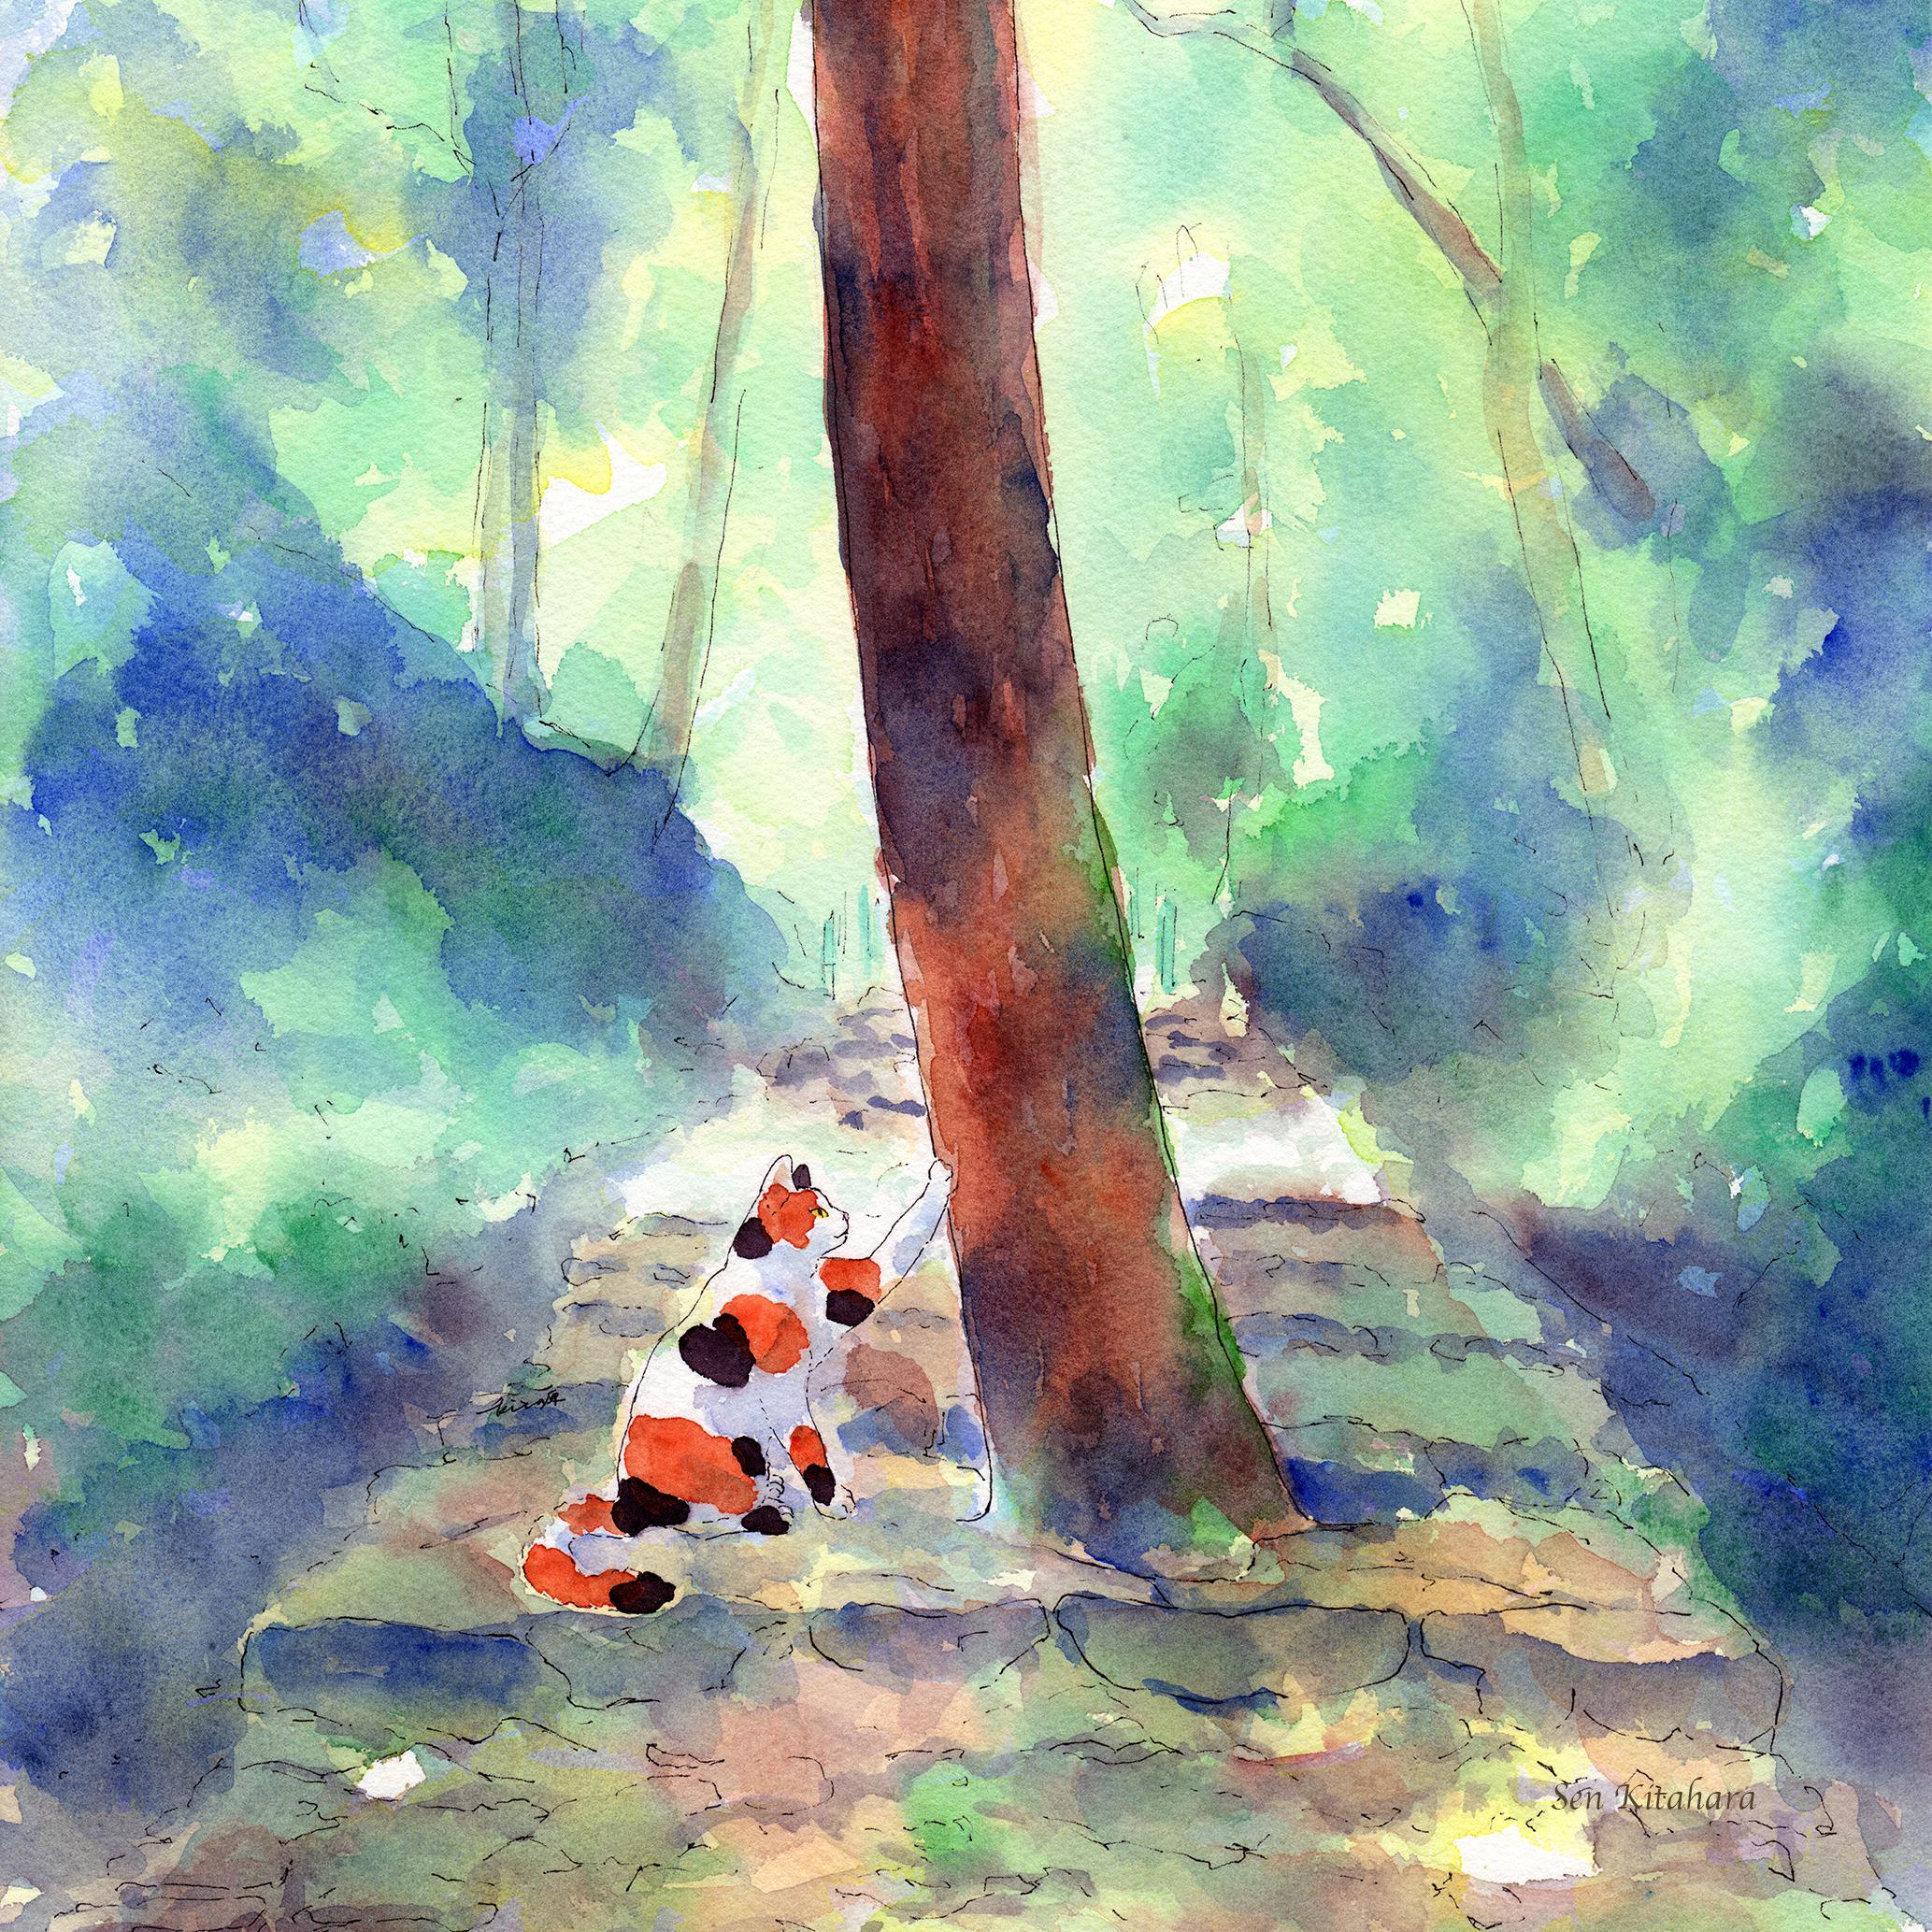 絵画 インテリア アートパネル 雑貨 壁掛け 置物 おしゃれ 水彩画 創作 猫 ネコ ねこ 動物 ロココロ 画家 : 北原 千 作品 : 道の真ん中やで。きみ